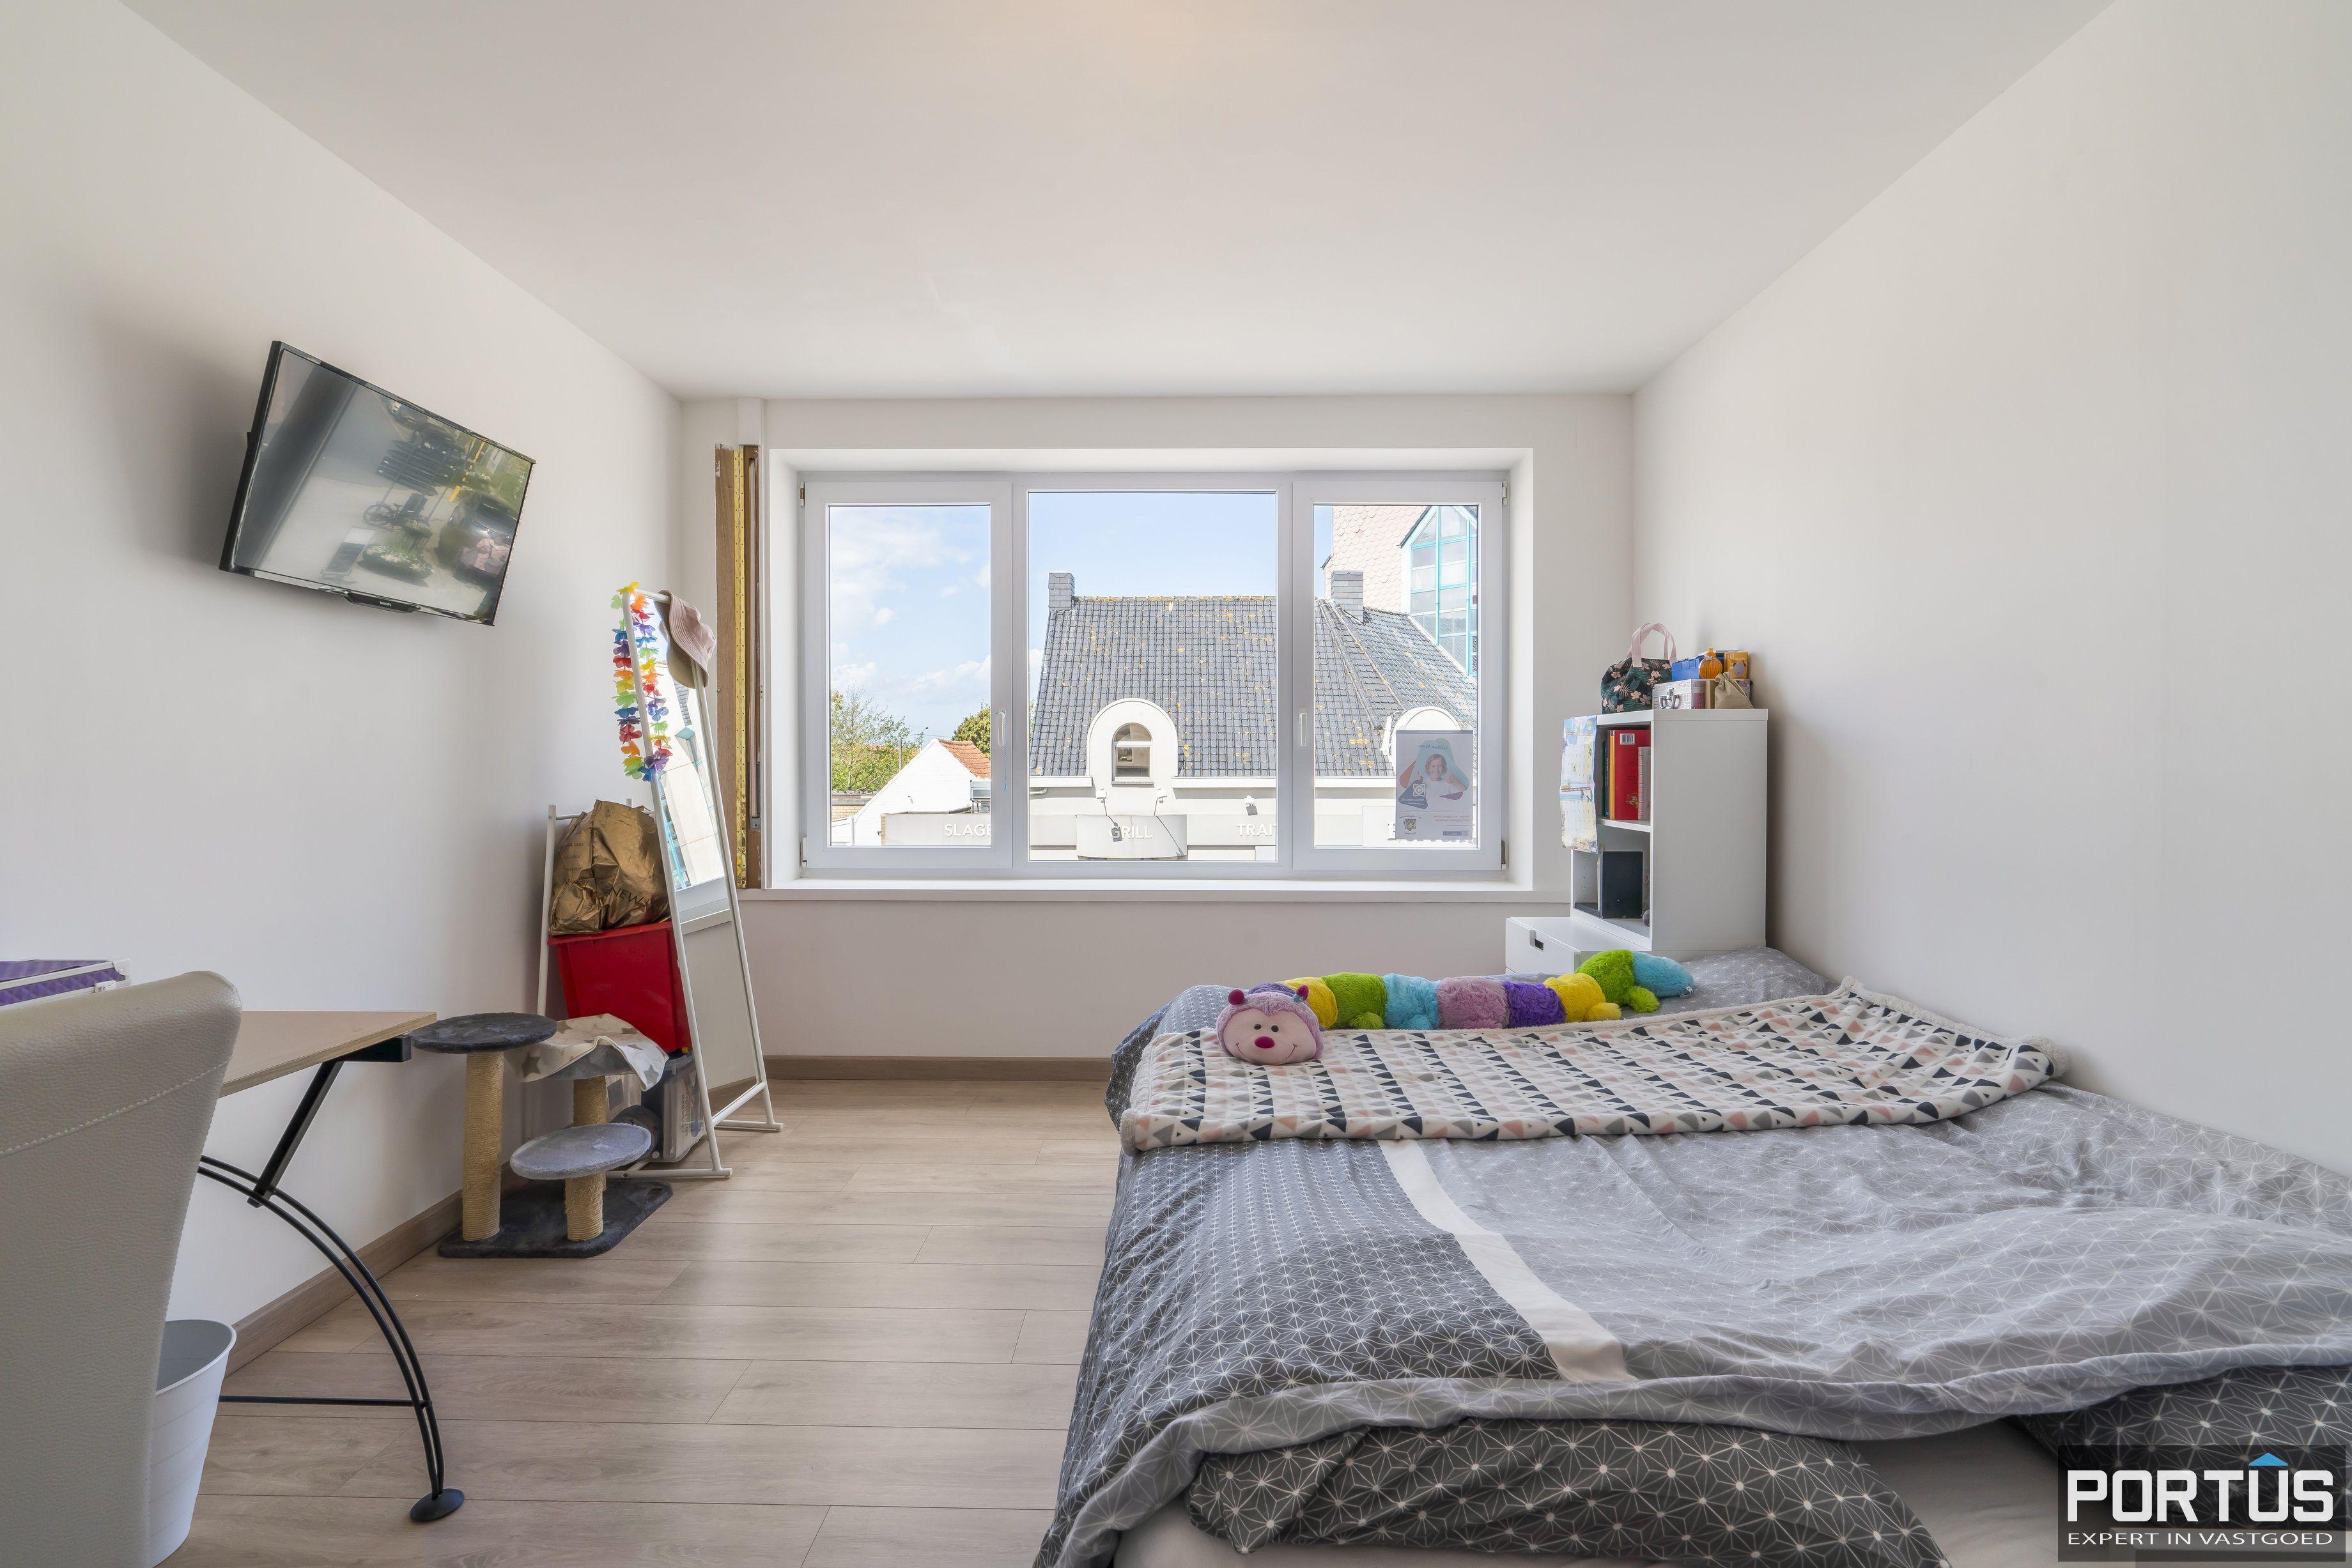 Appartement met 3 slaapkamers te koop te Westende - 13515